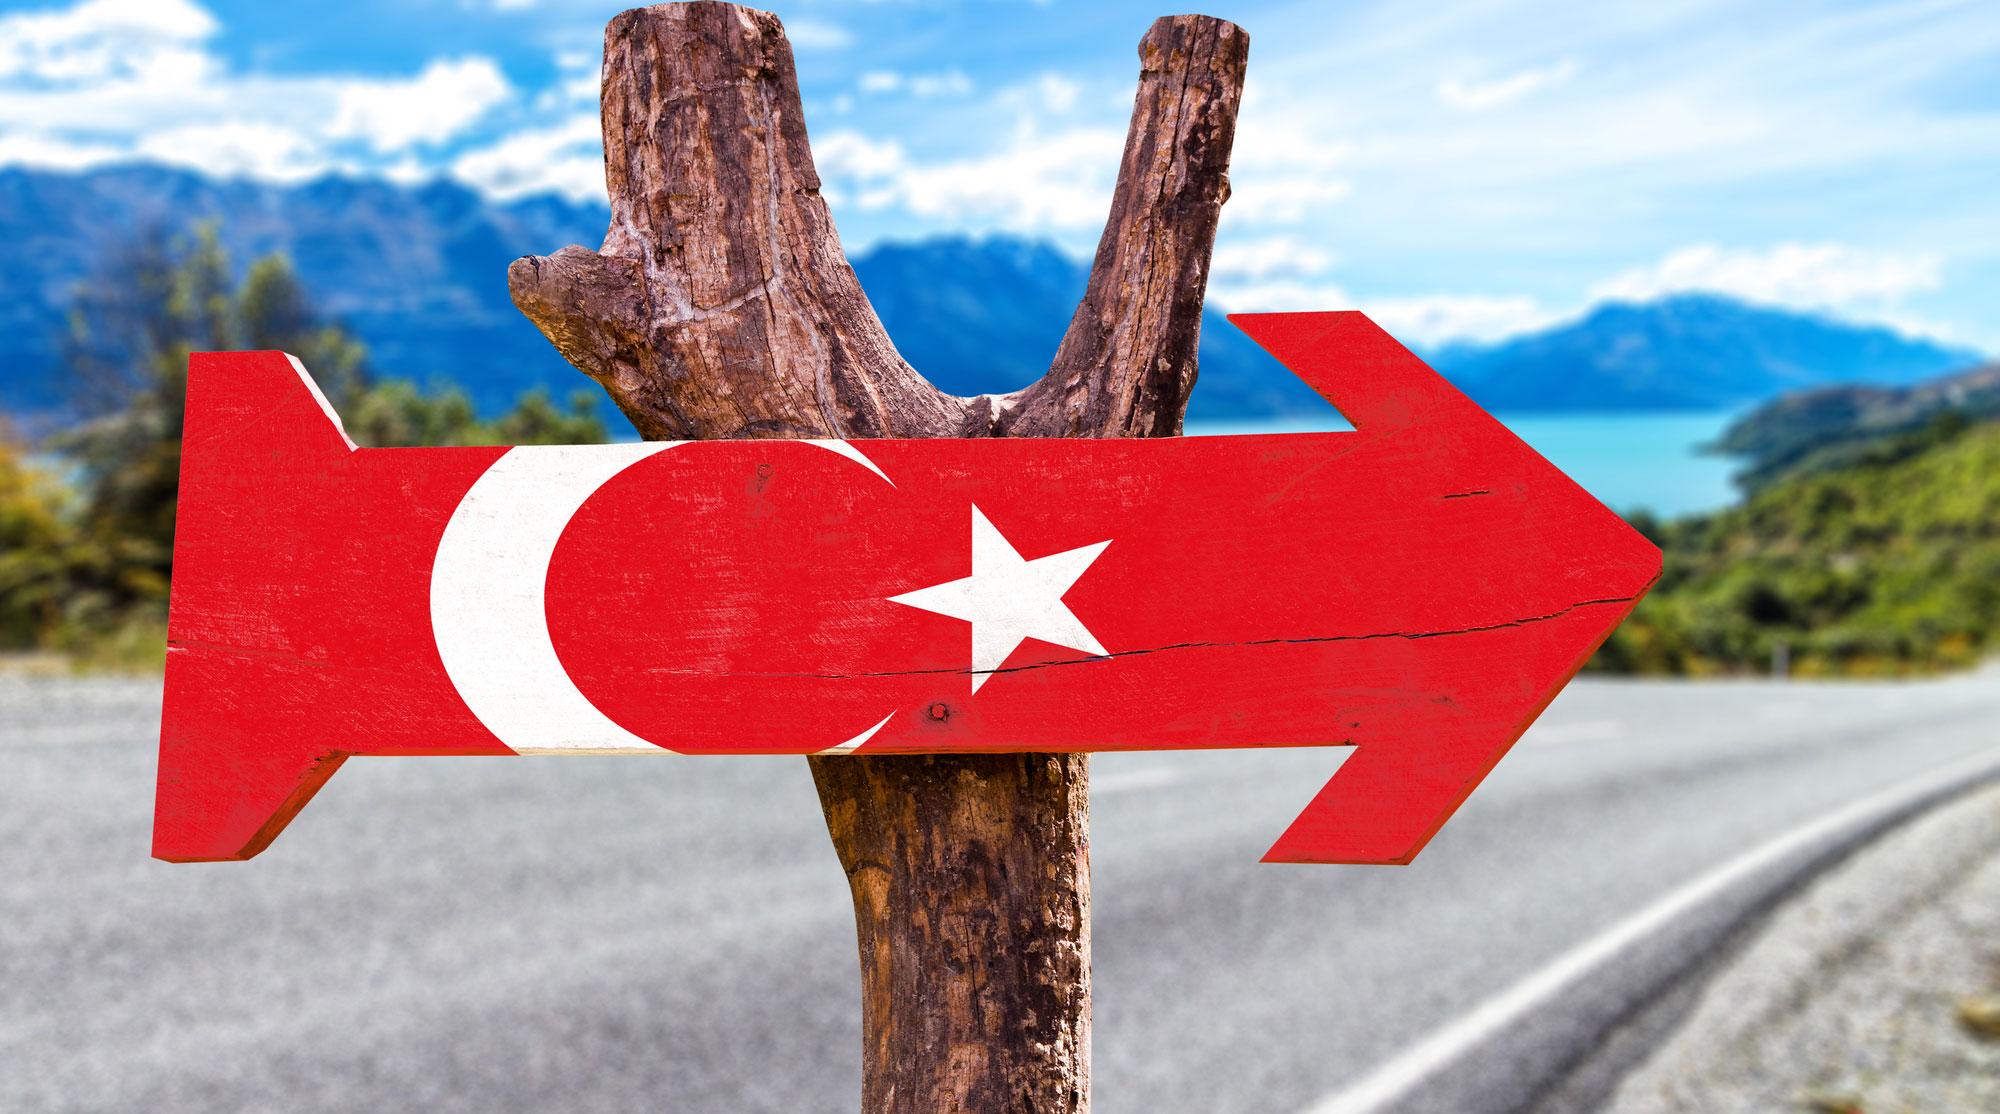 Картинки по запроÑу 10 веÑких причин никогда не отдыхать в Турции 22 комментариÑ